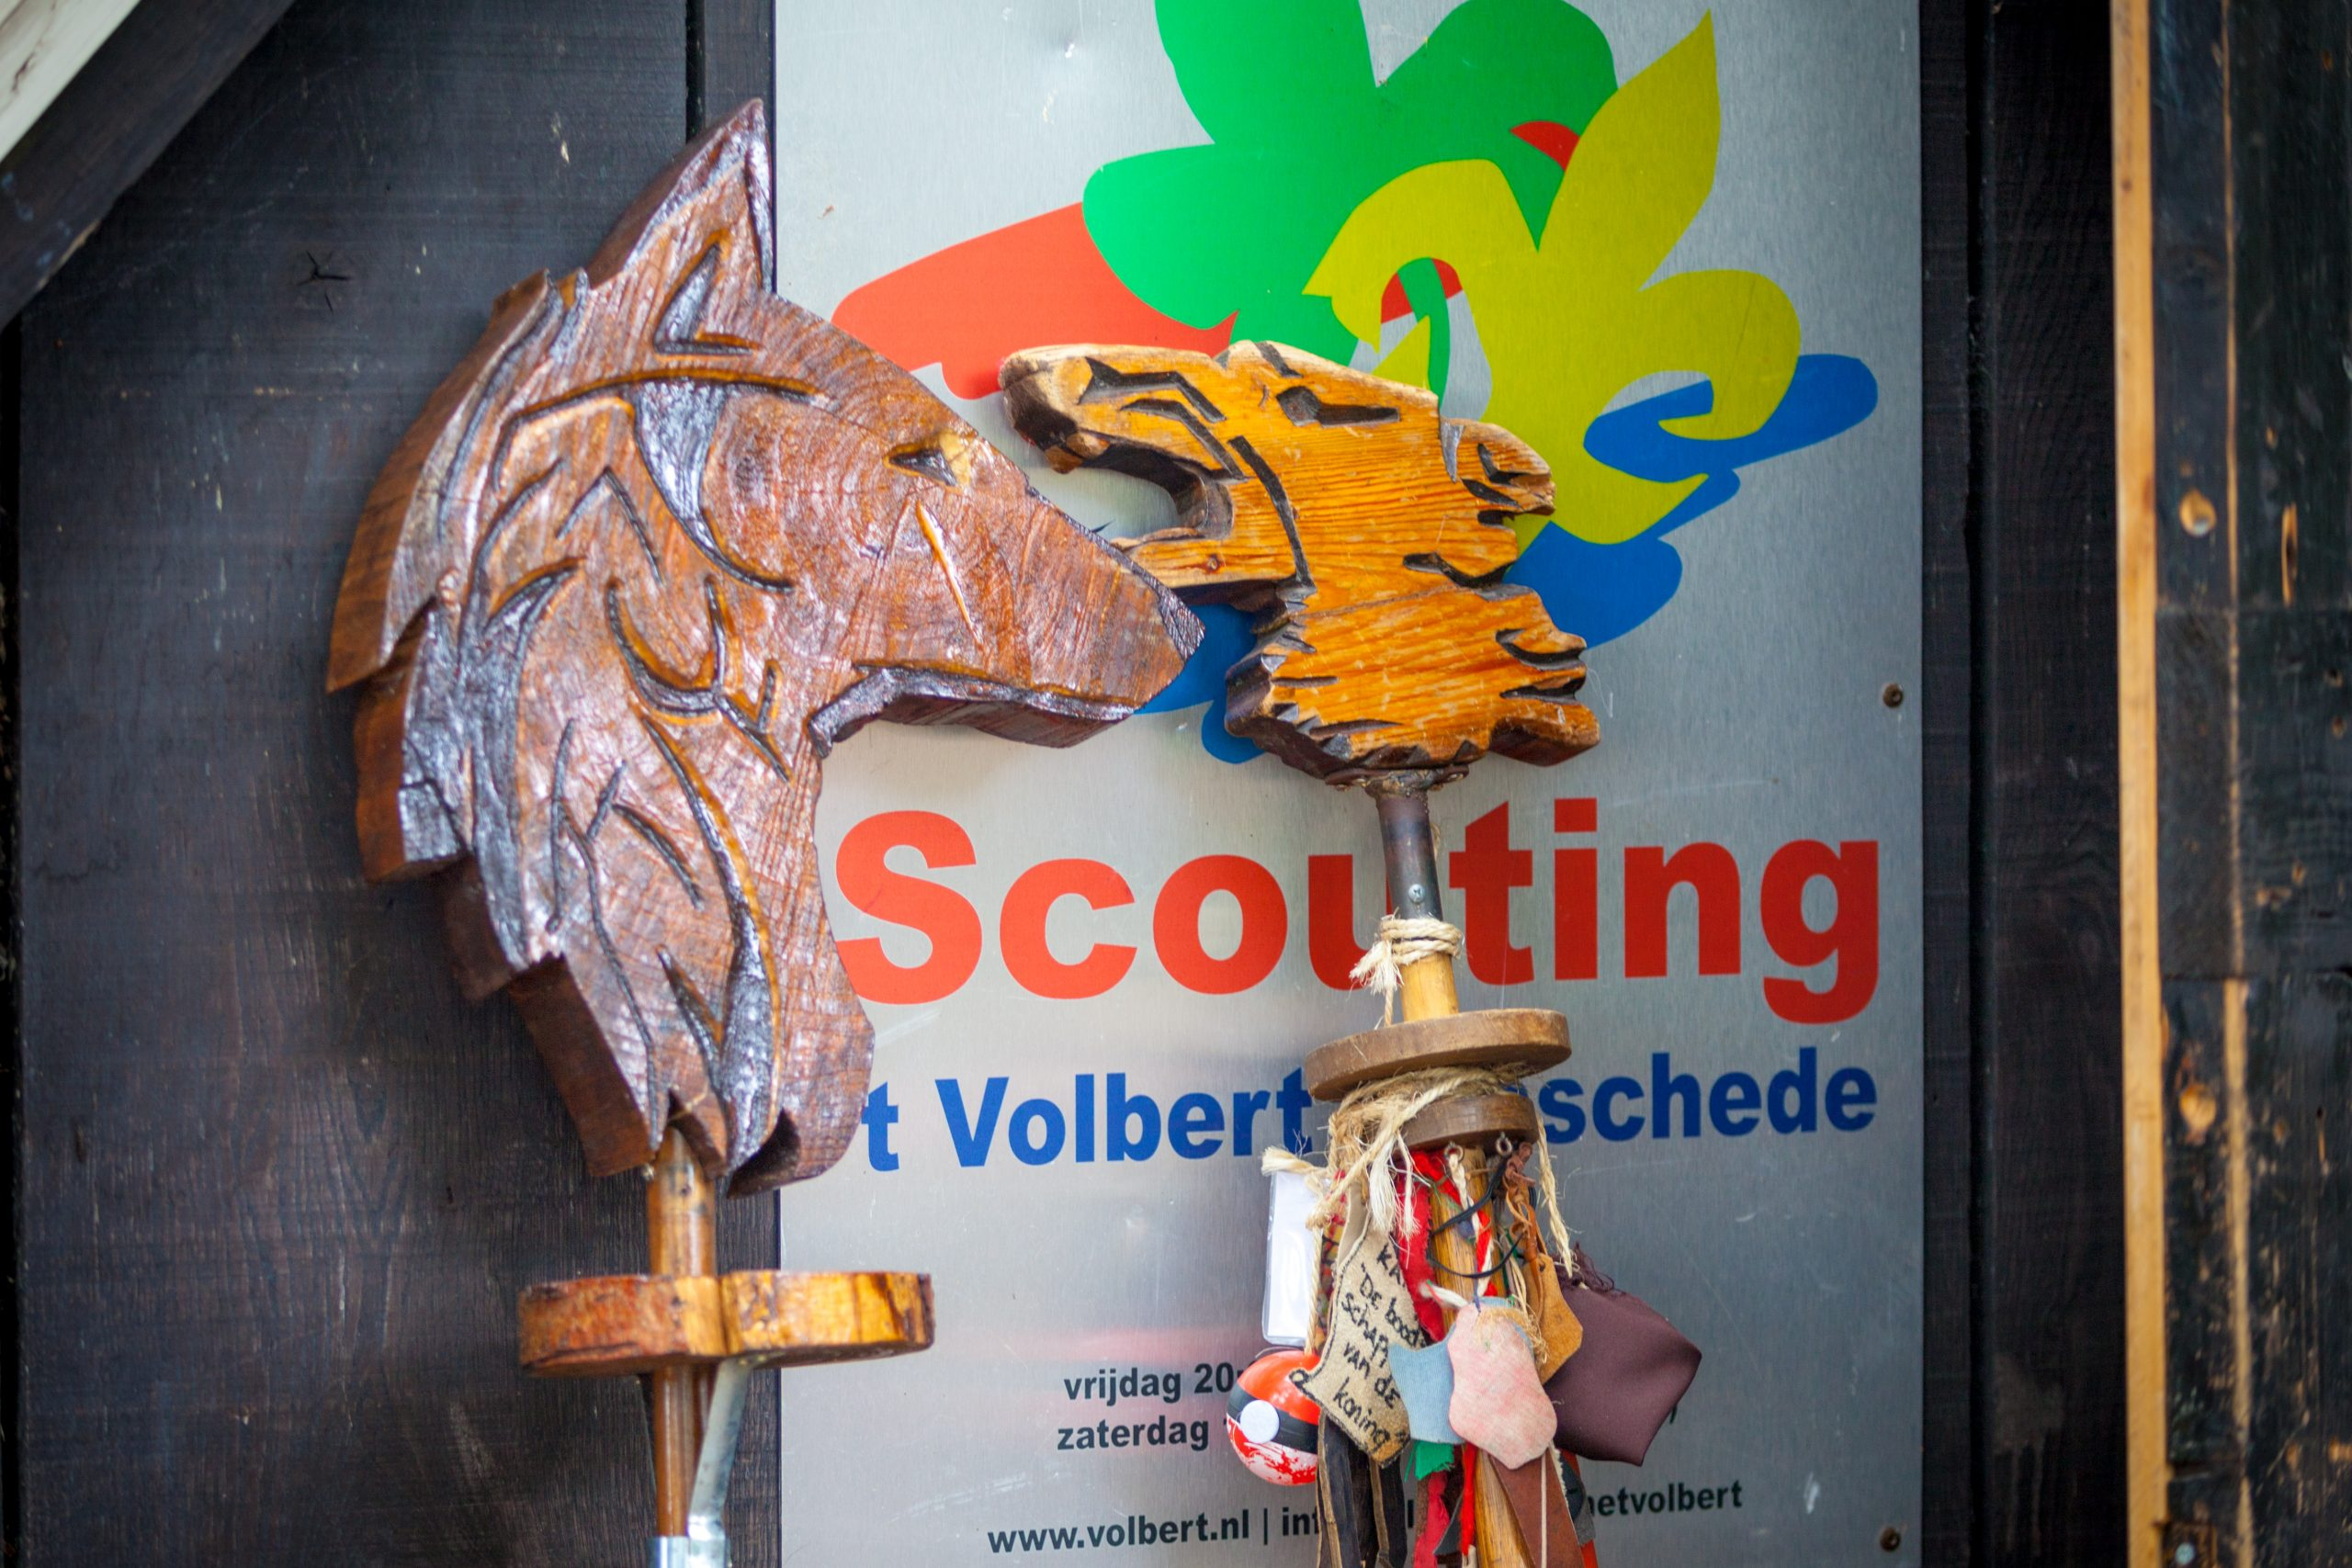 Corona richtlijnen & scouting programma per 14 oktober 2020